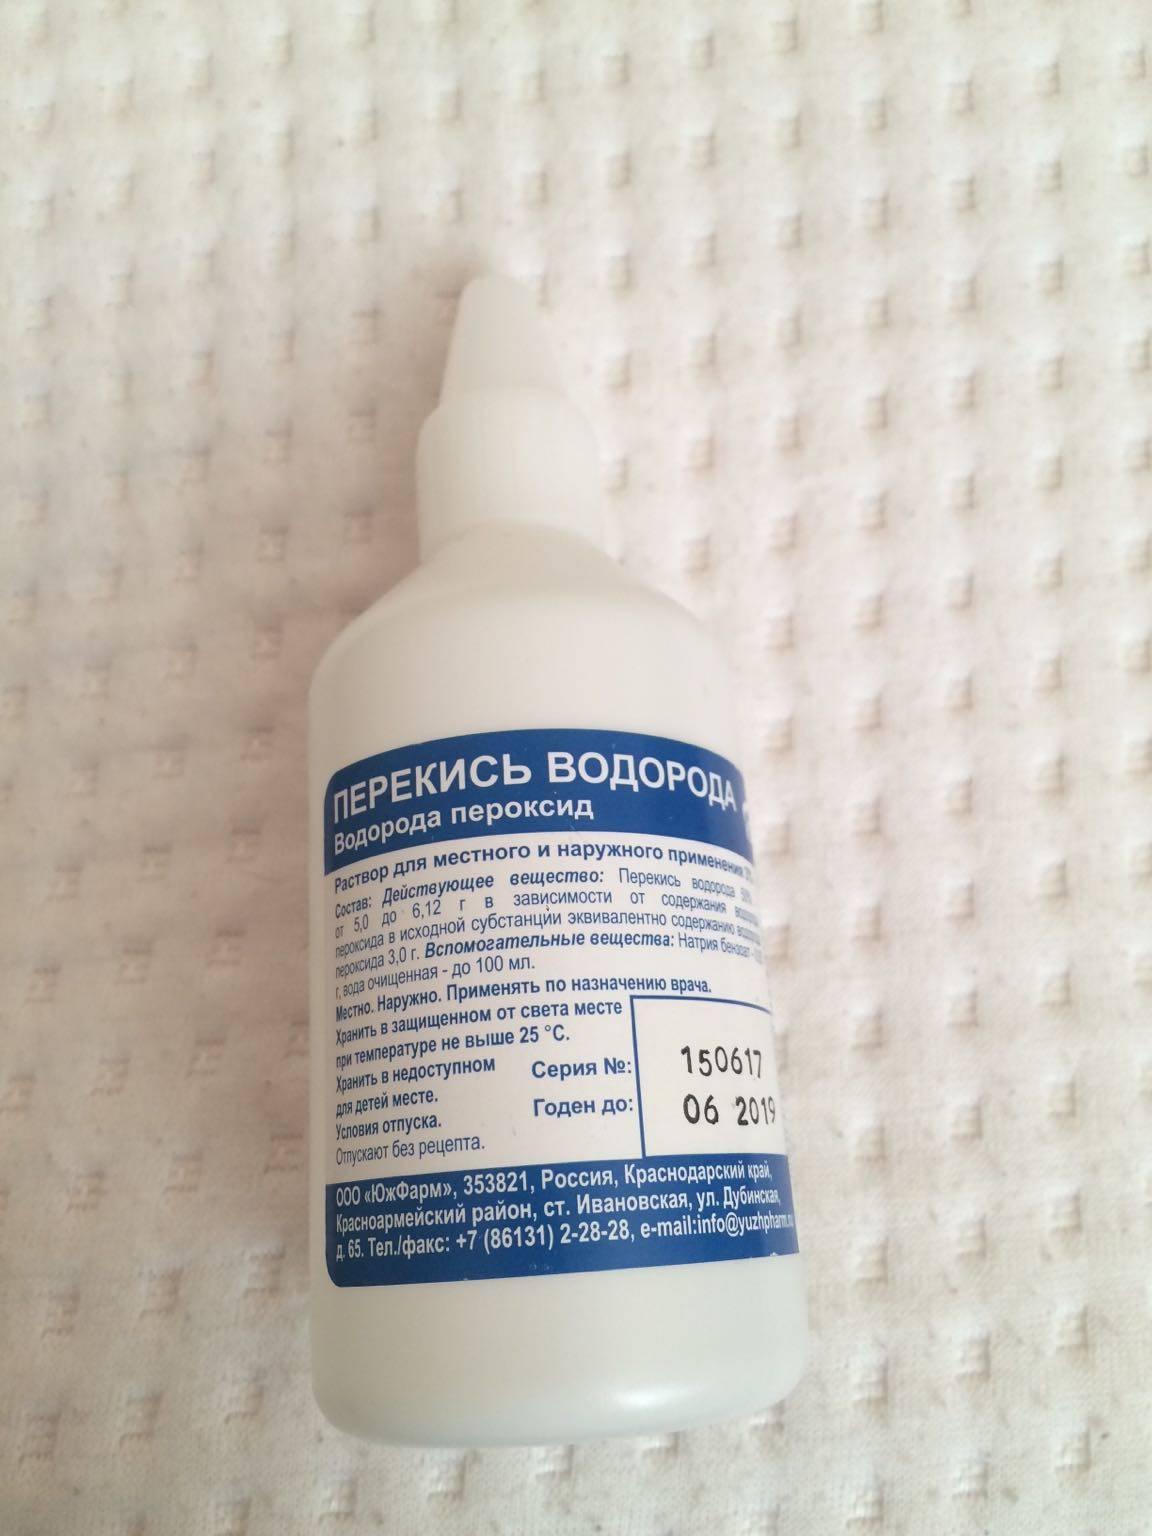 Перекись водорода от аллергического дерматита